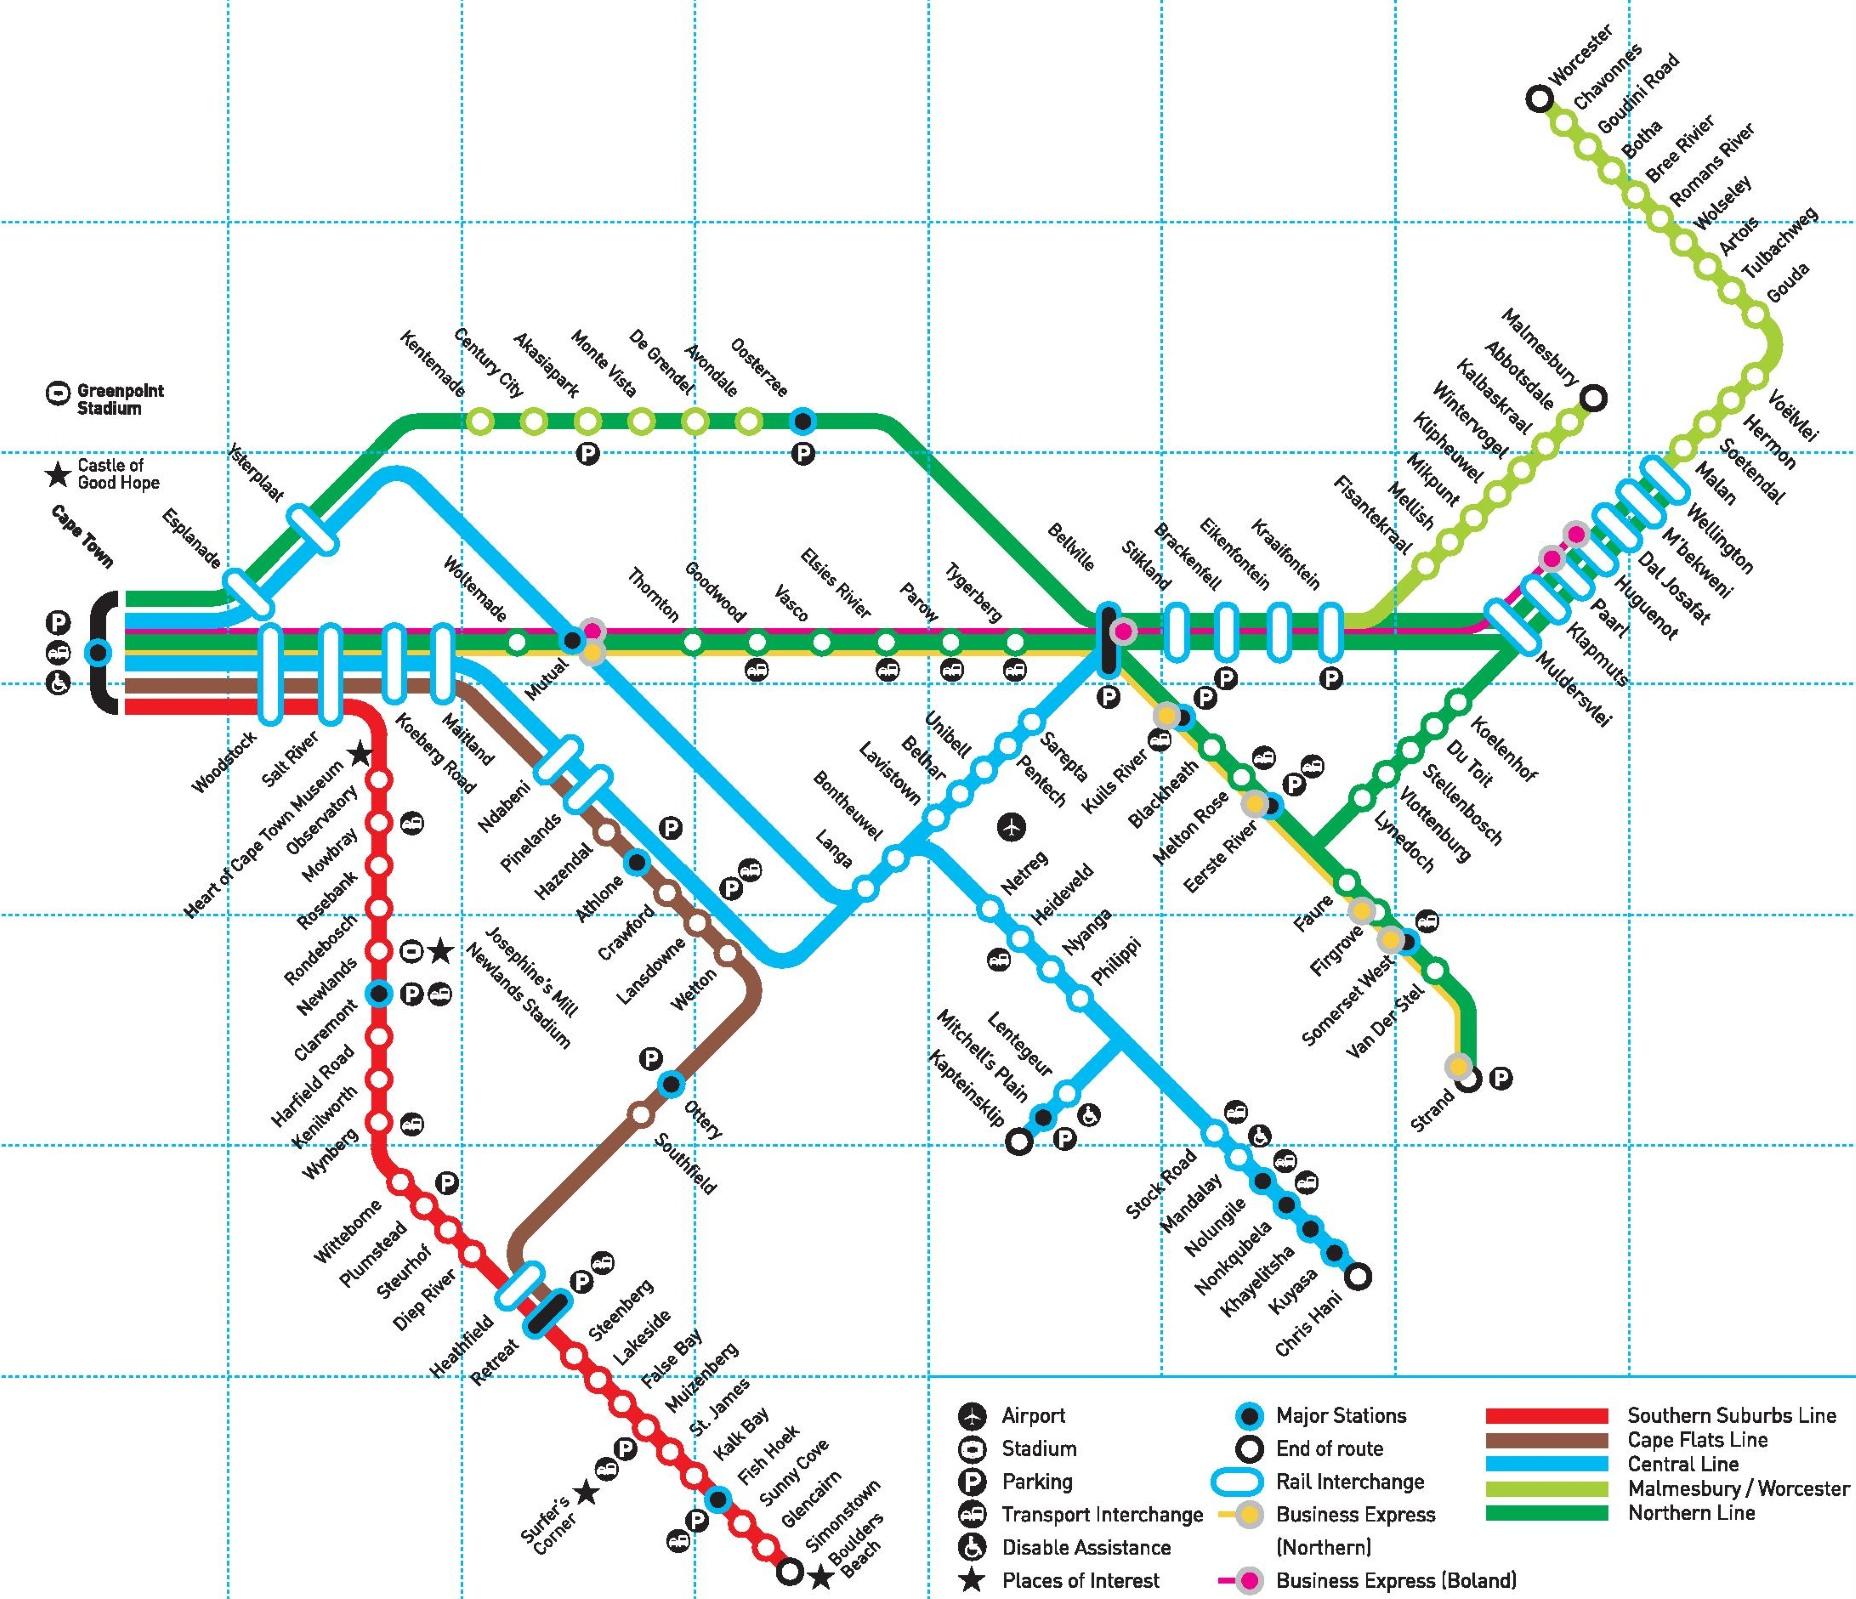 Cape Town rail map